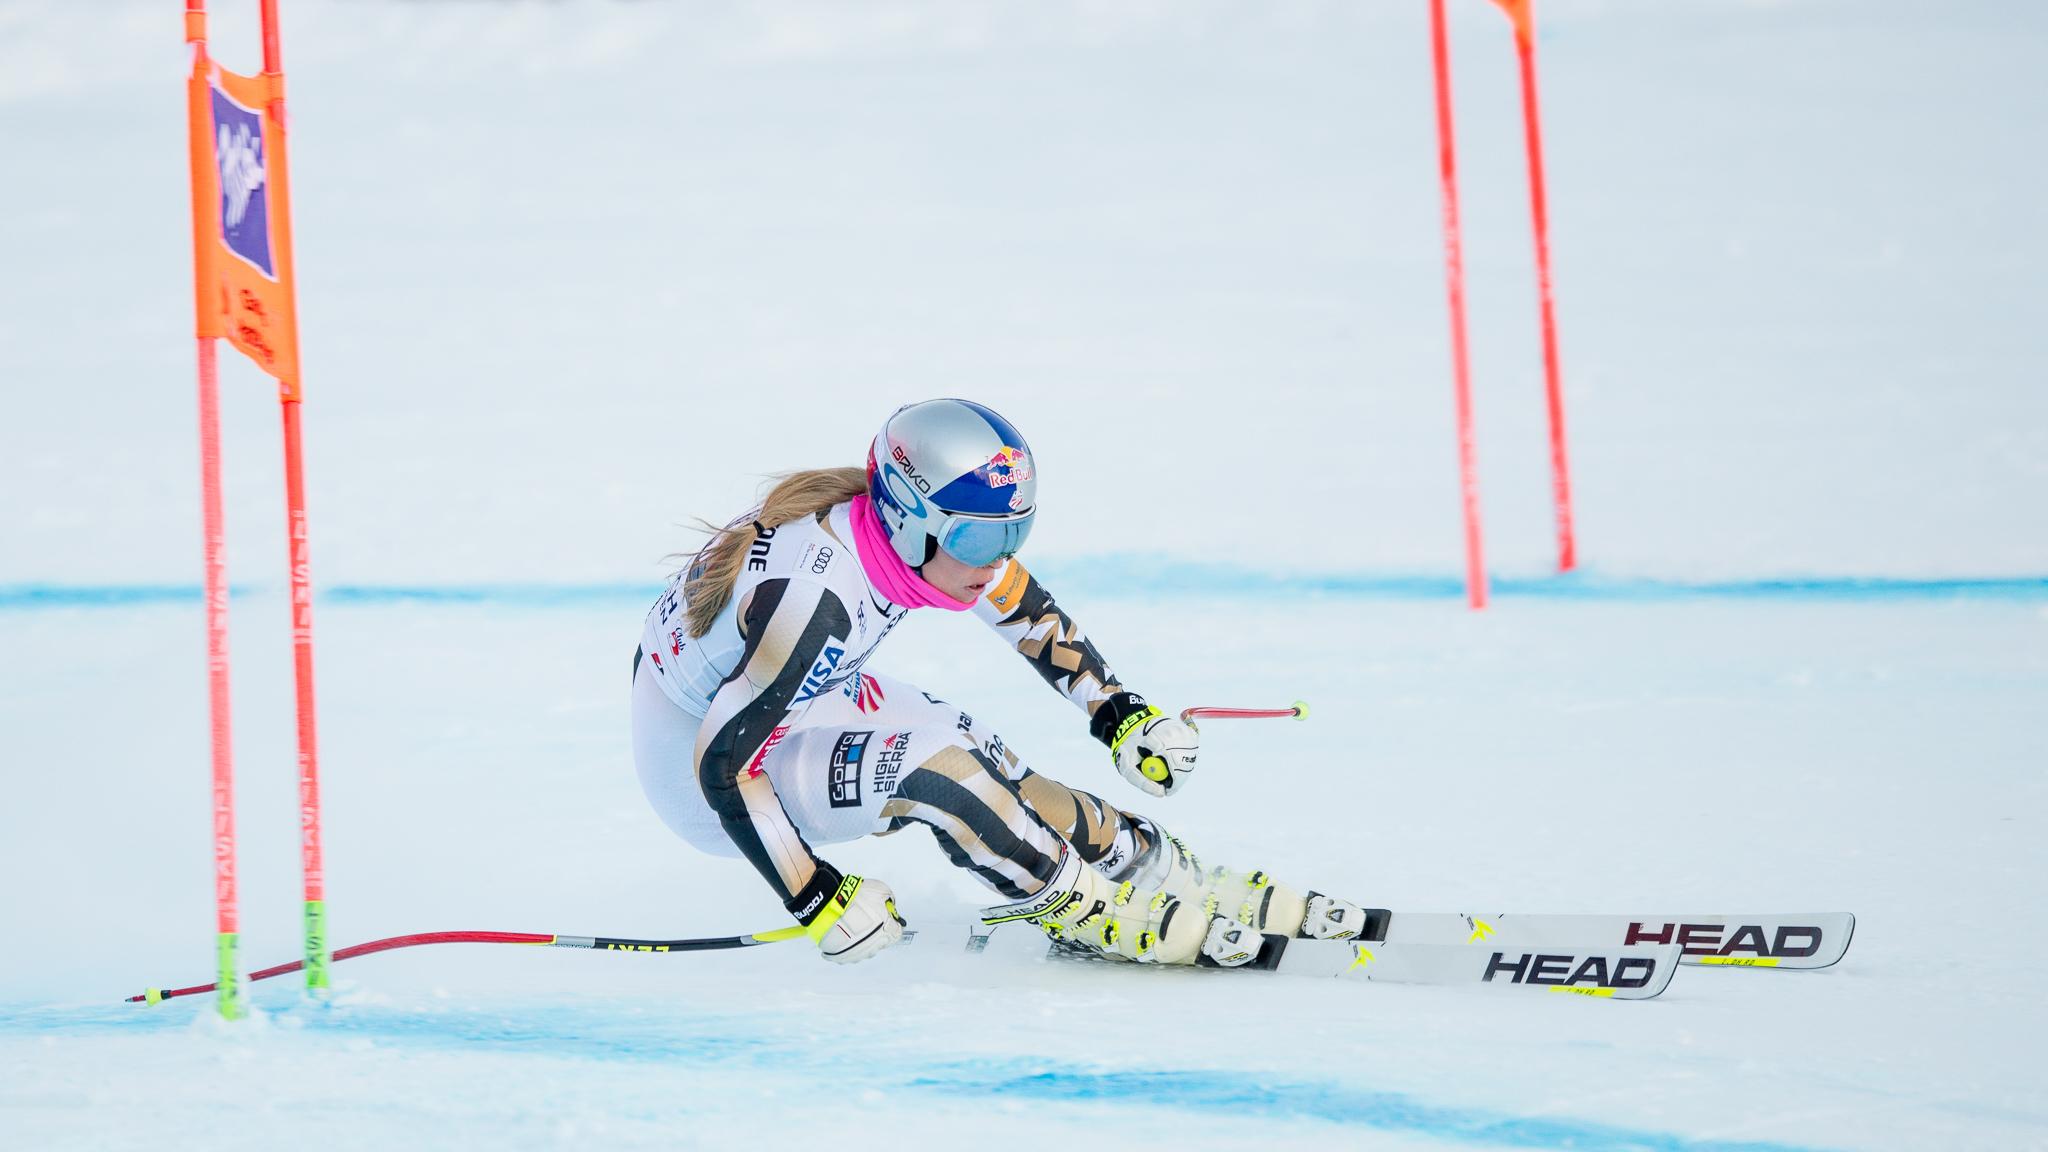 File:2017 Audi FIS Ski Weltcup Garmisch-Partenkirchen ...